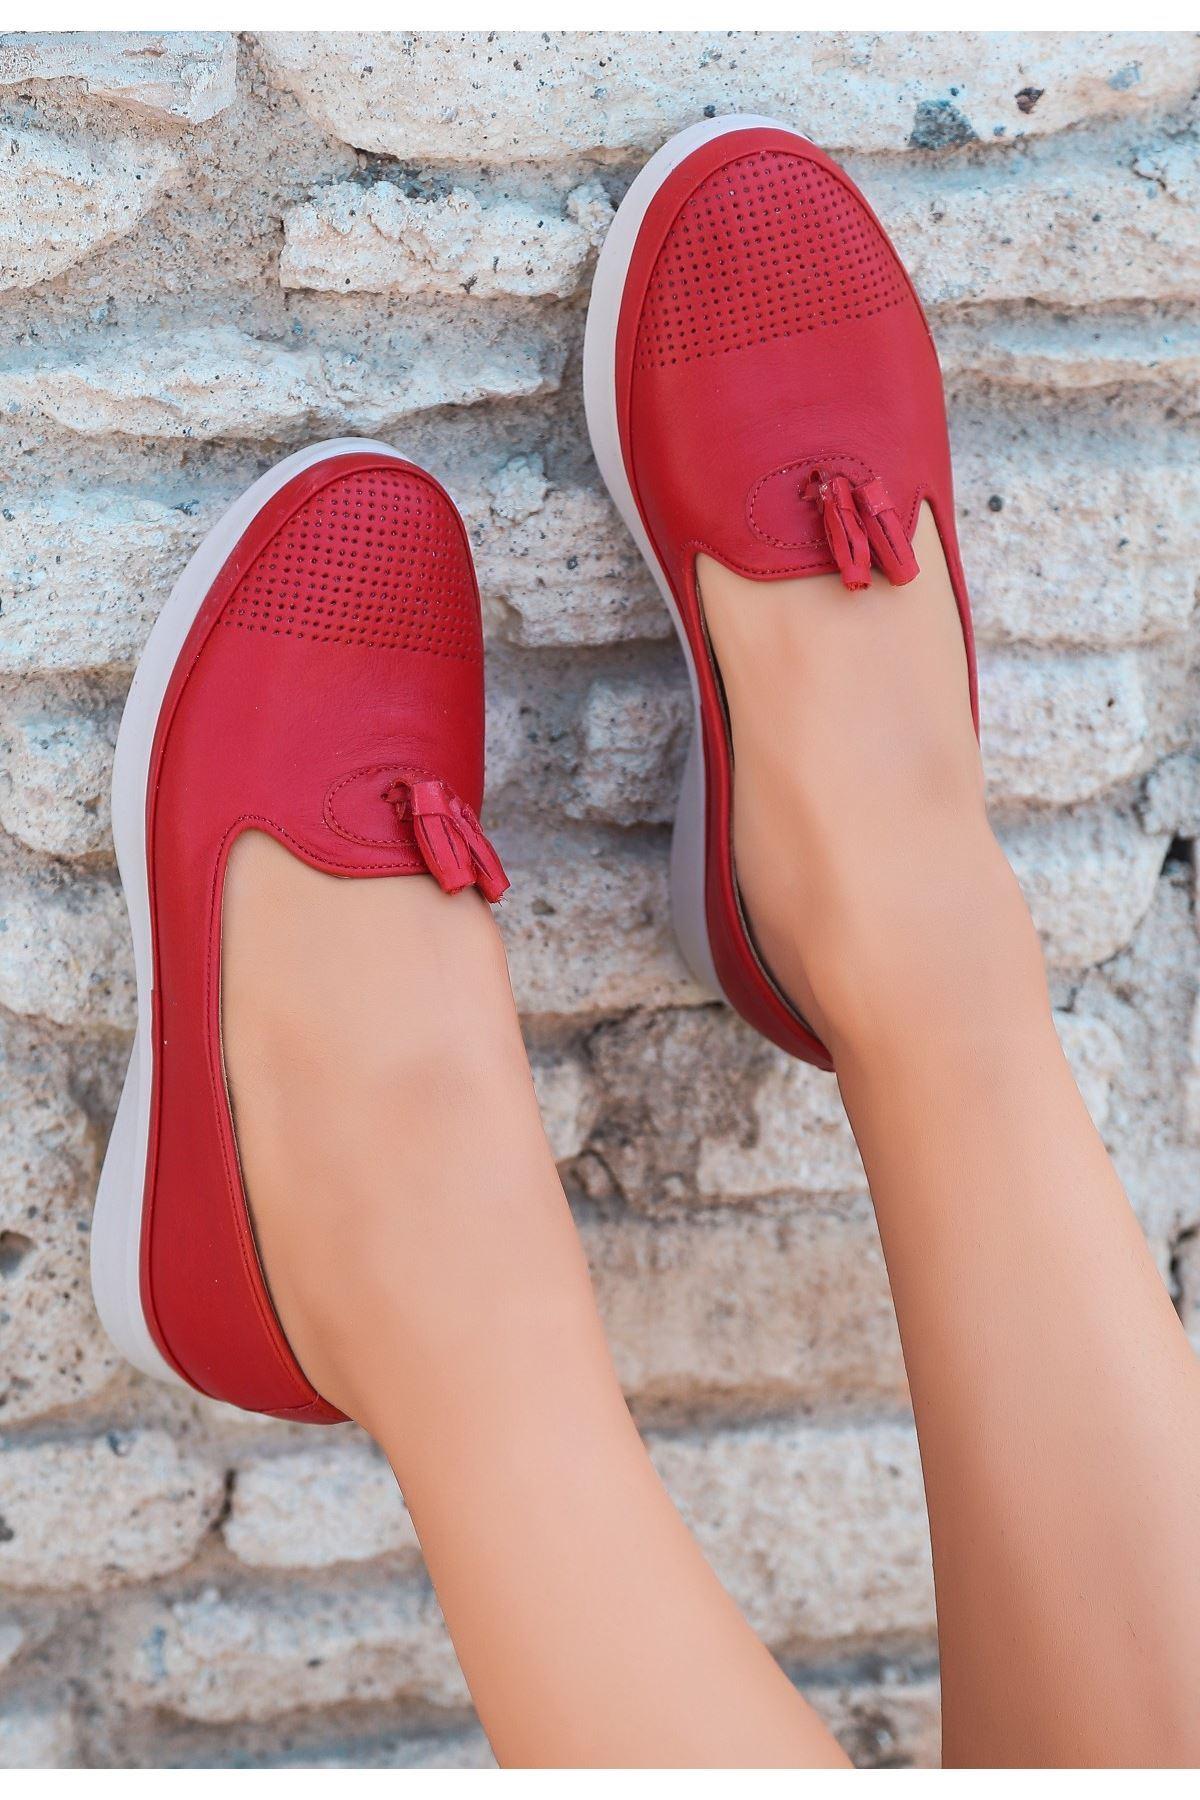 Avgu Kırmızı Deri Babet Ayakkabı